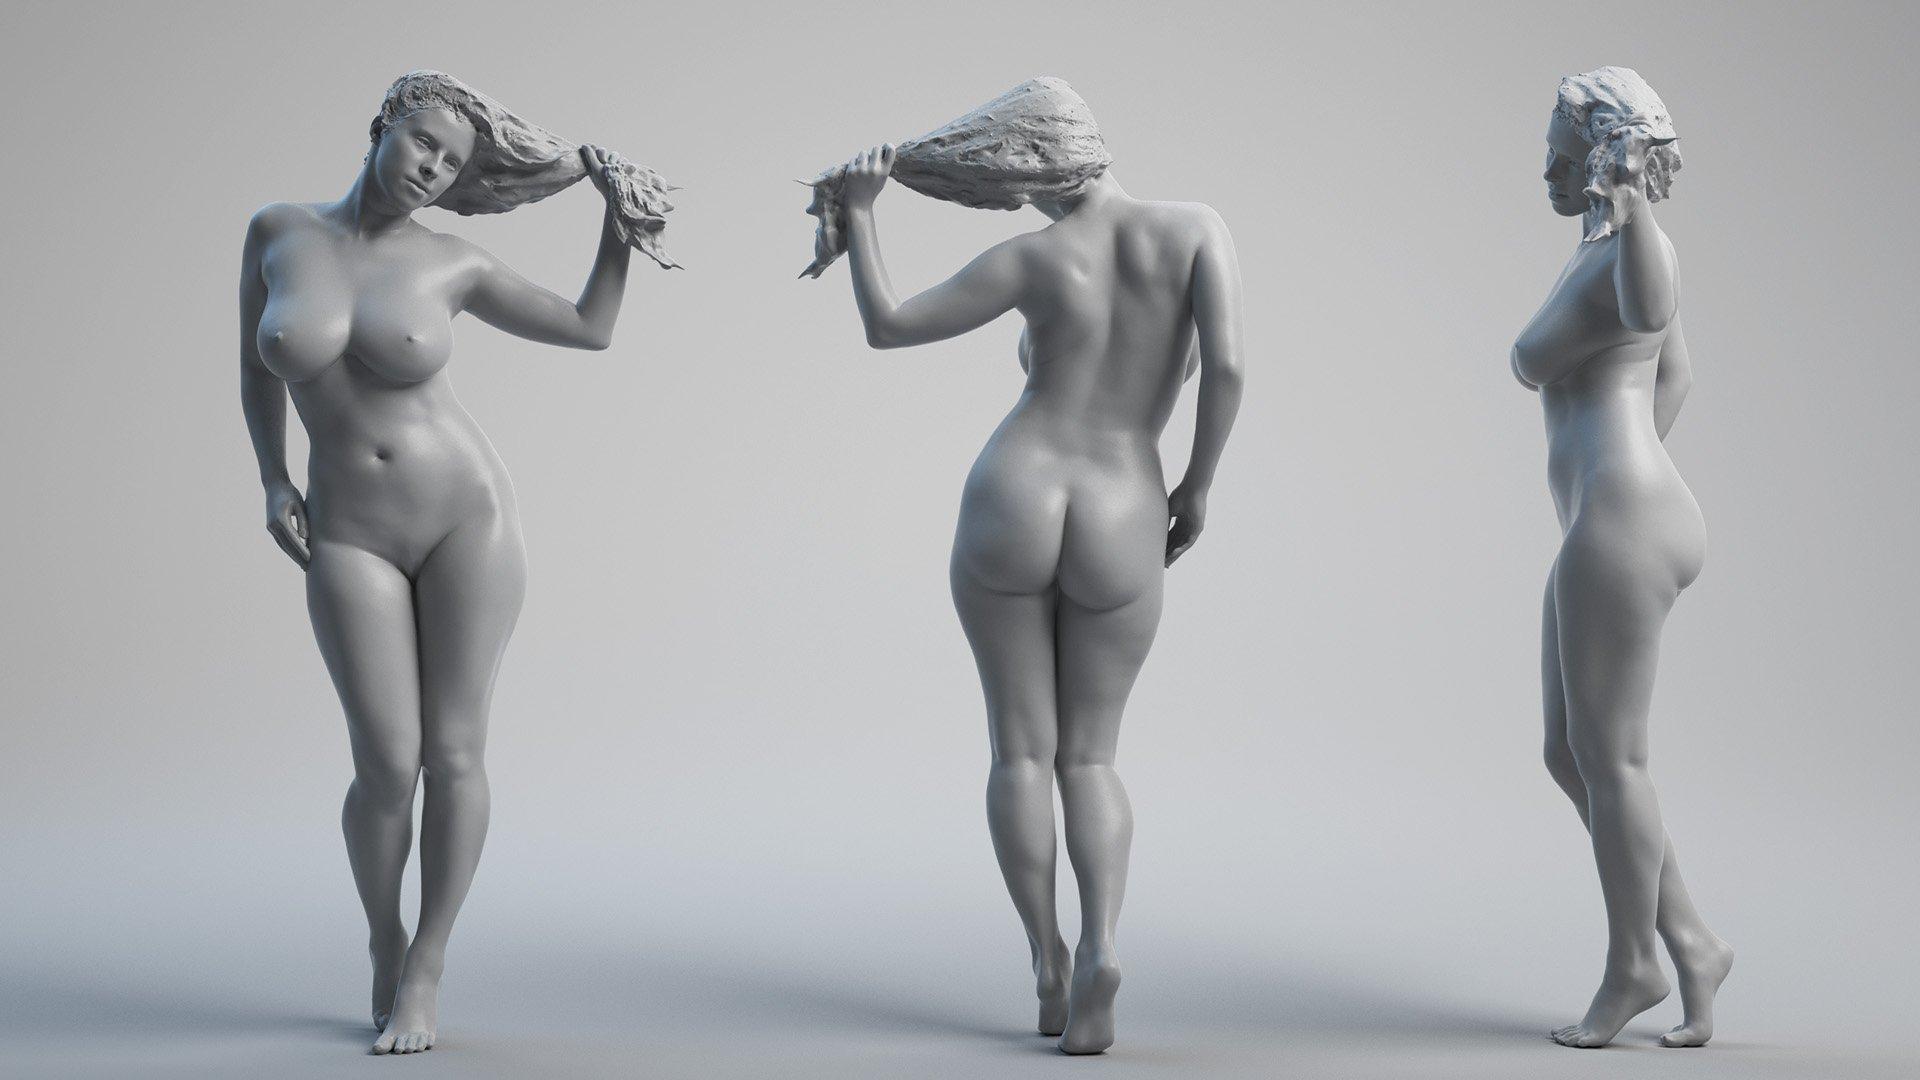 Group Of Guys Posing Nude